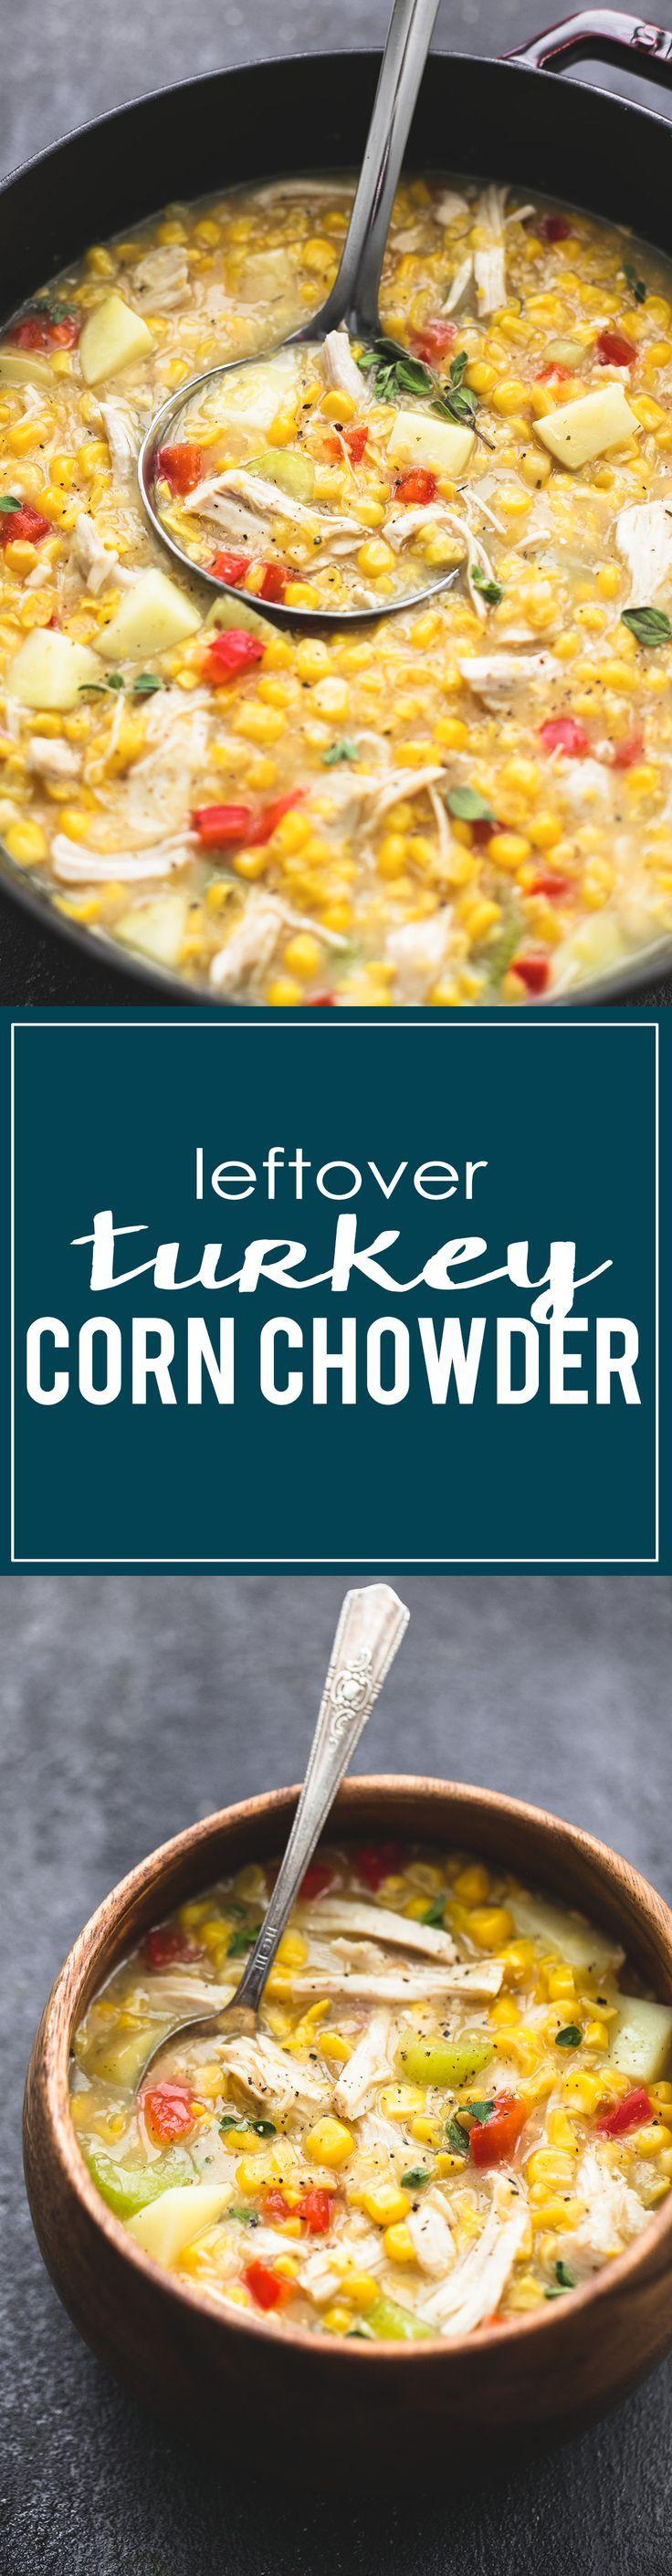 Leftover Turkey (or chicken) Corn Chowder